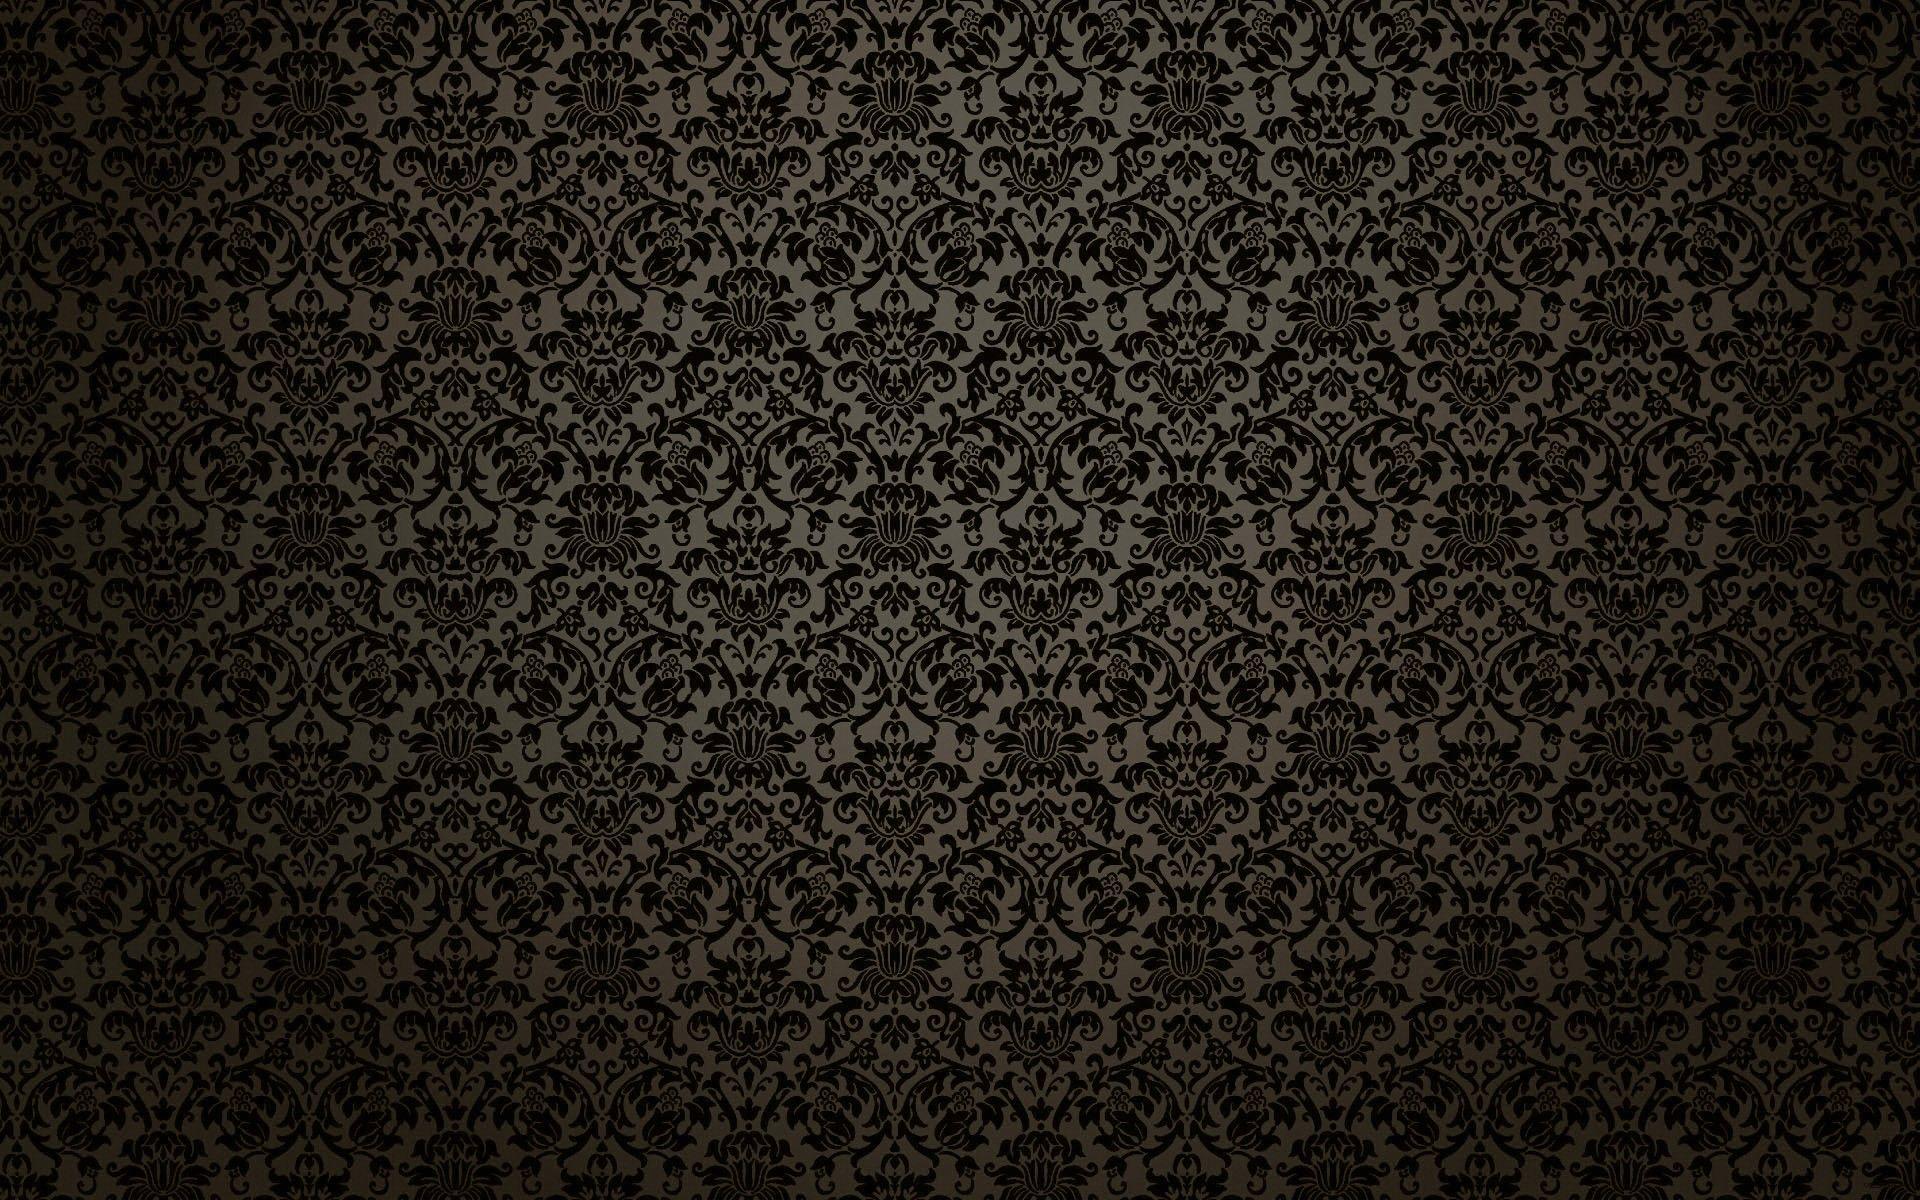 Victorian Wallpaper 19547 1920x1200 Px Hdwallsource Com Black And Purple Wallpaper Purple Wallpaper Victorian Wallpaper